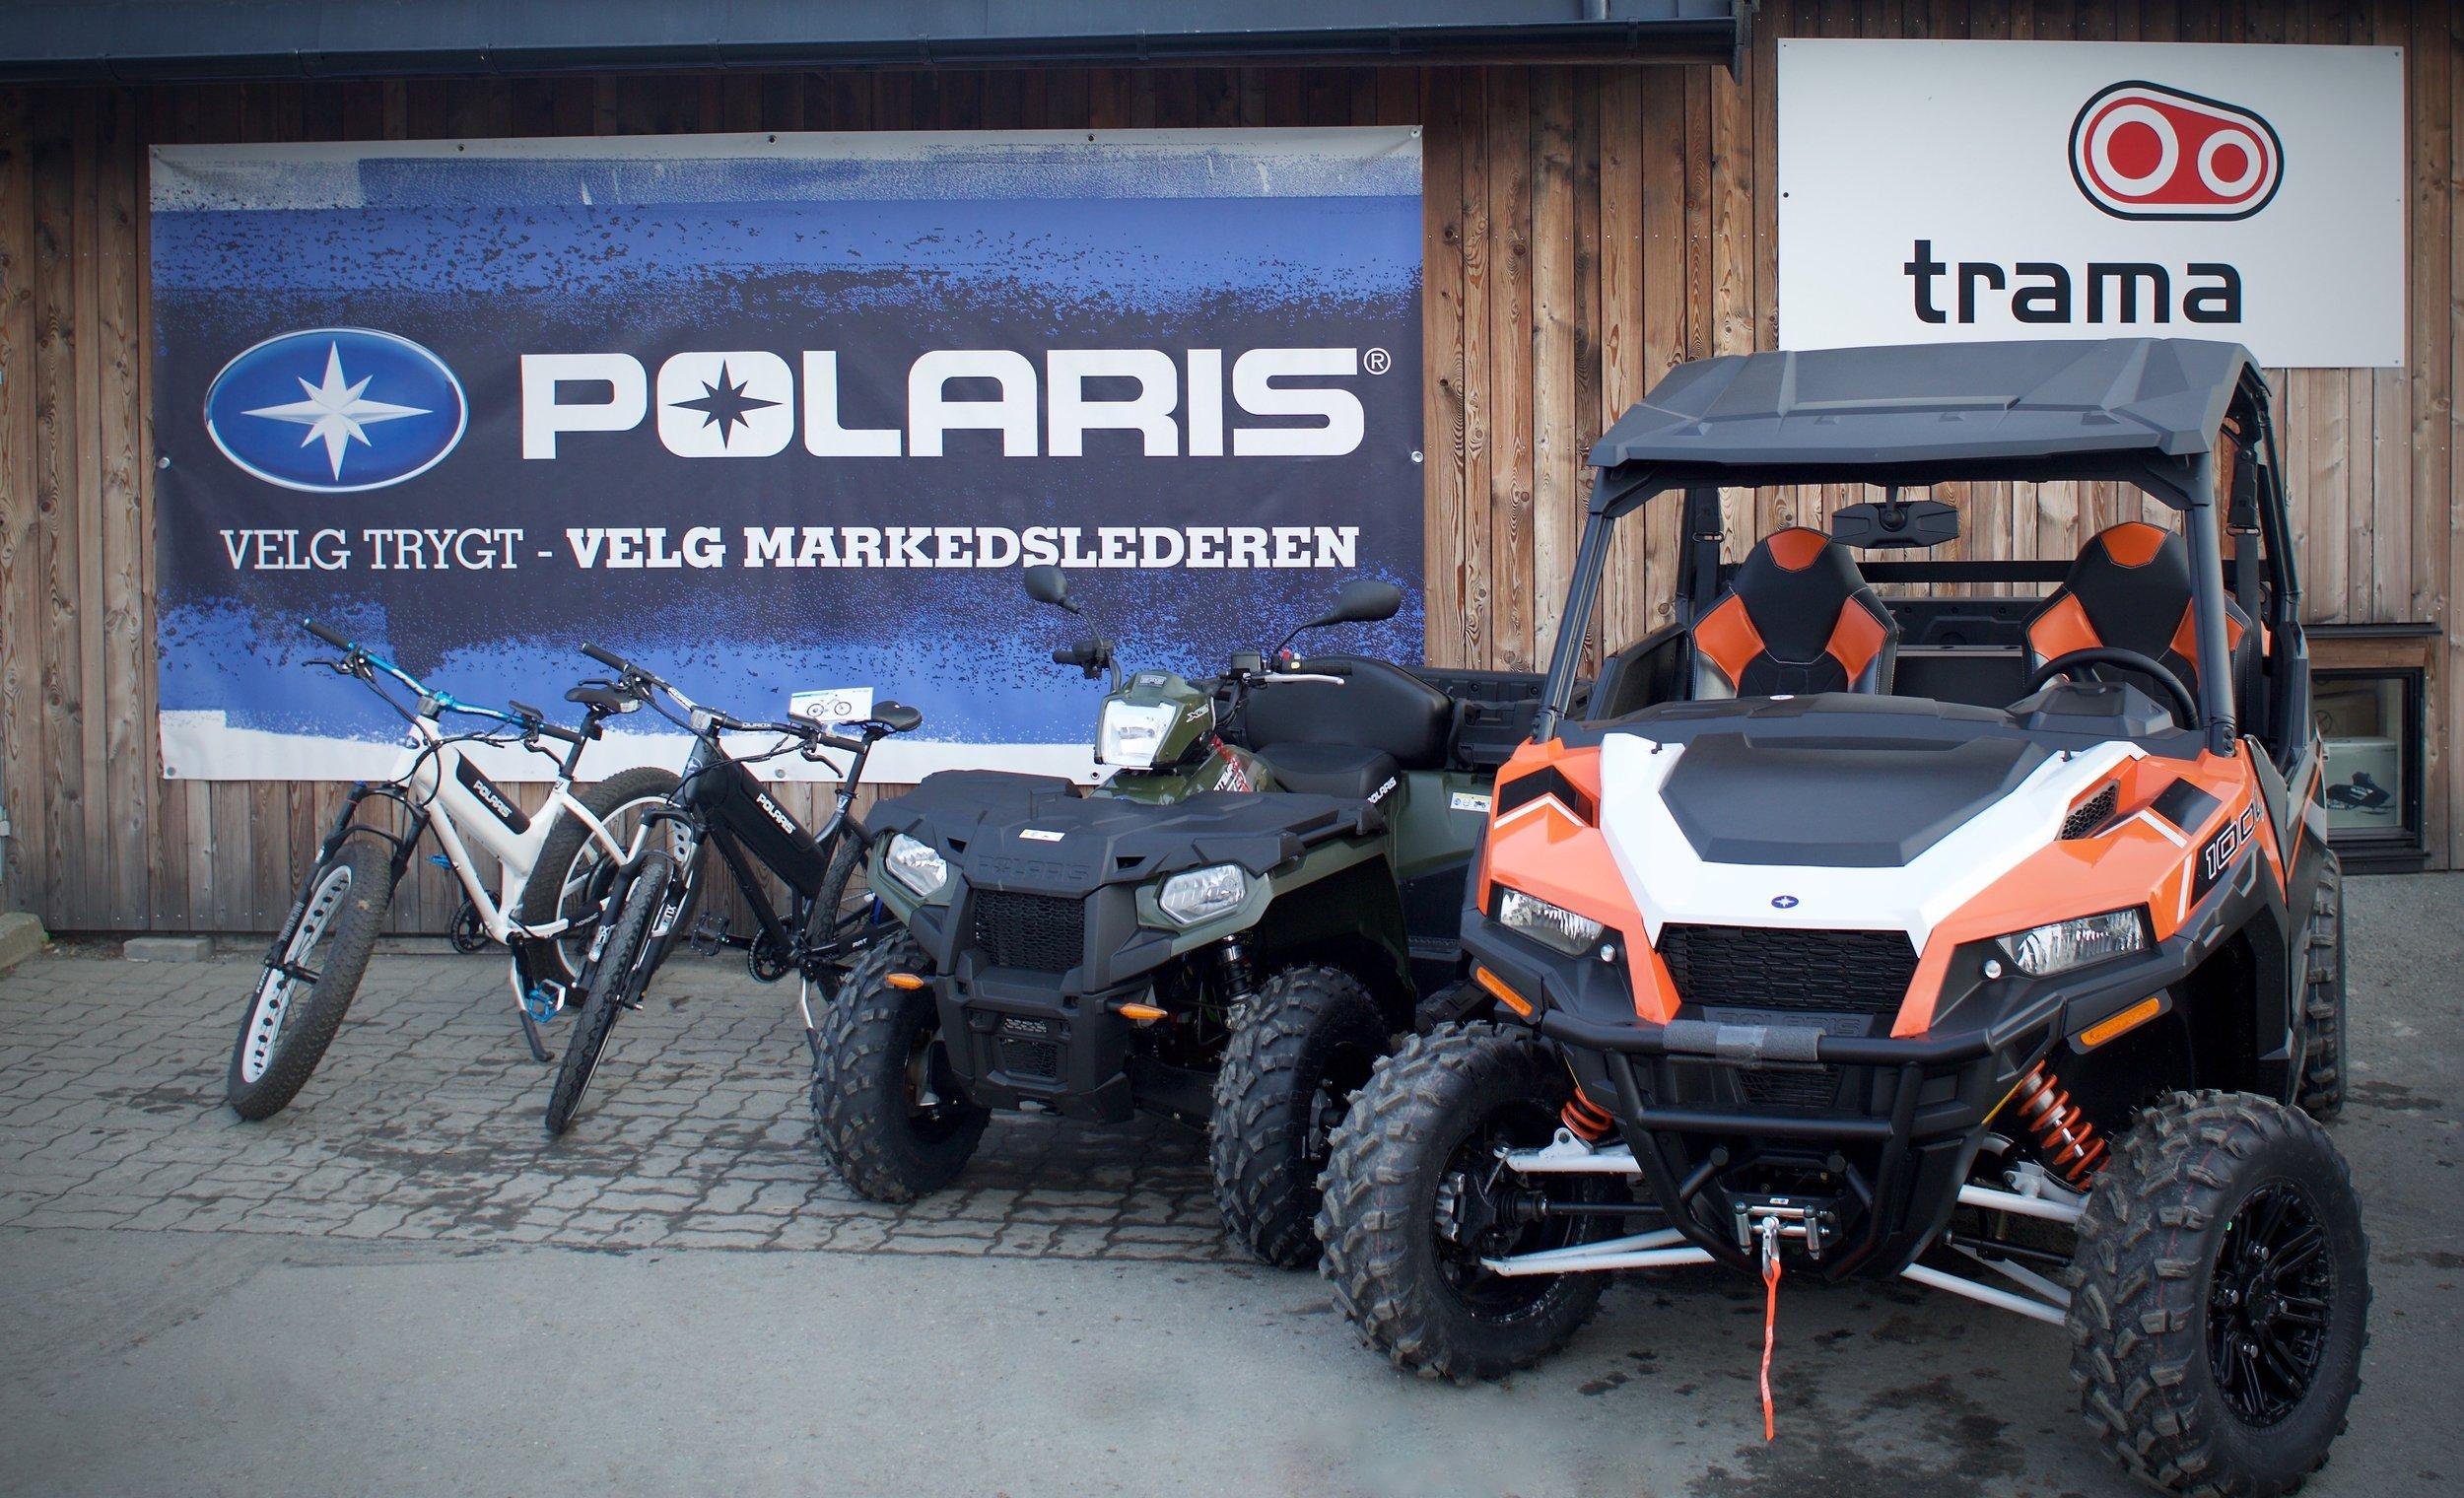 polaris-ute.jpg